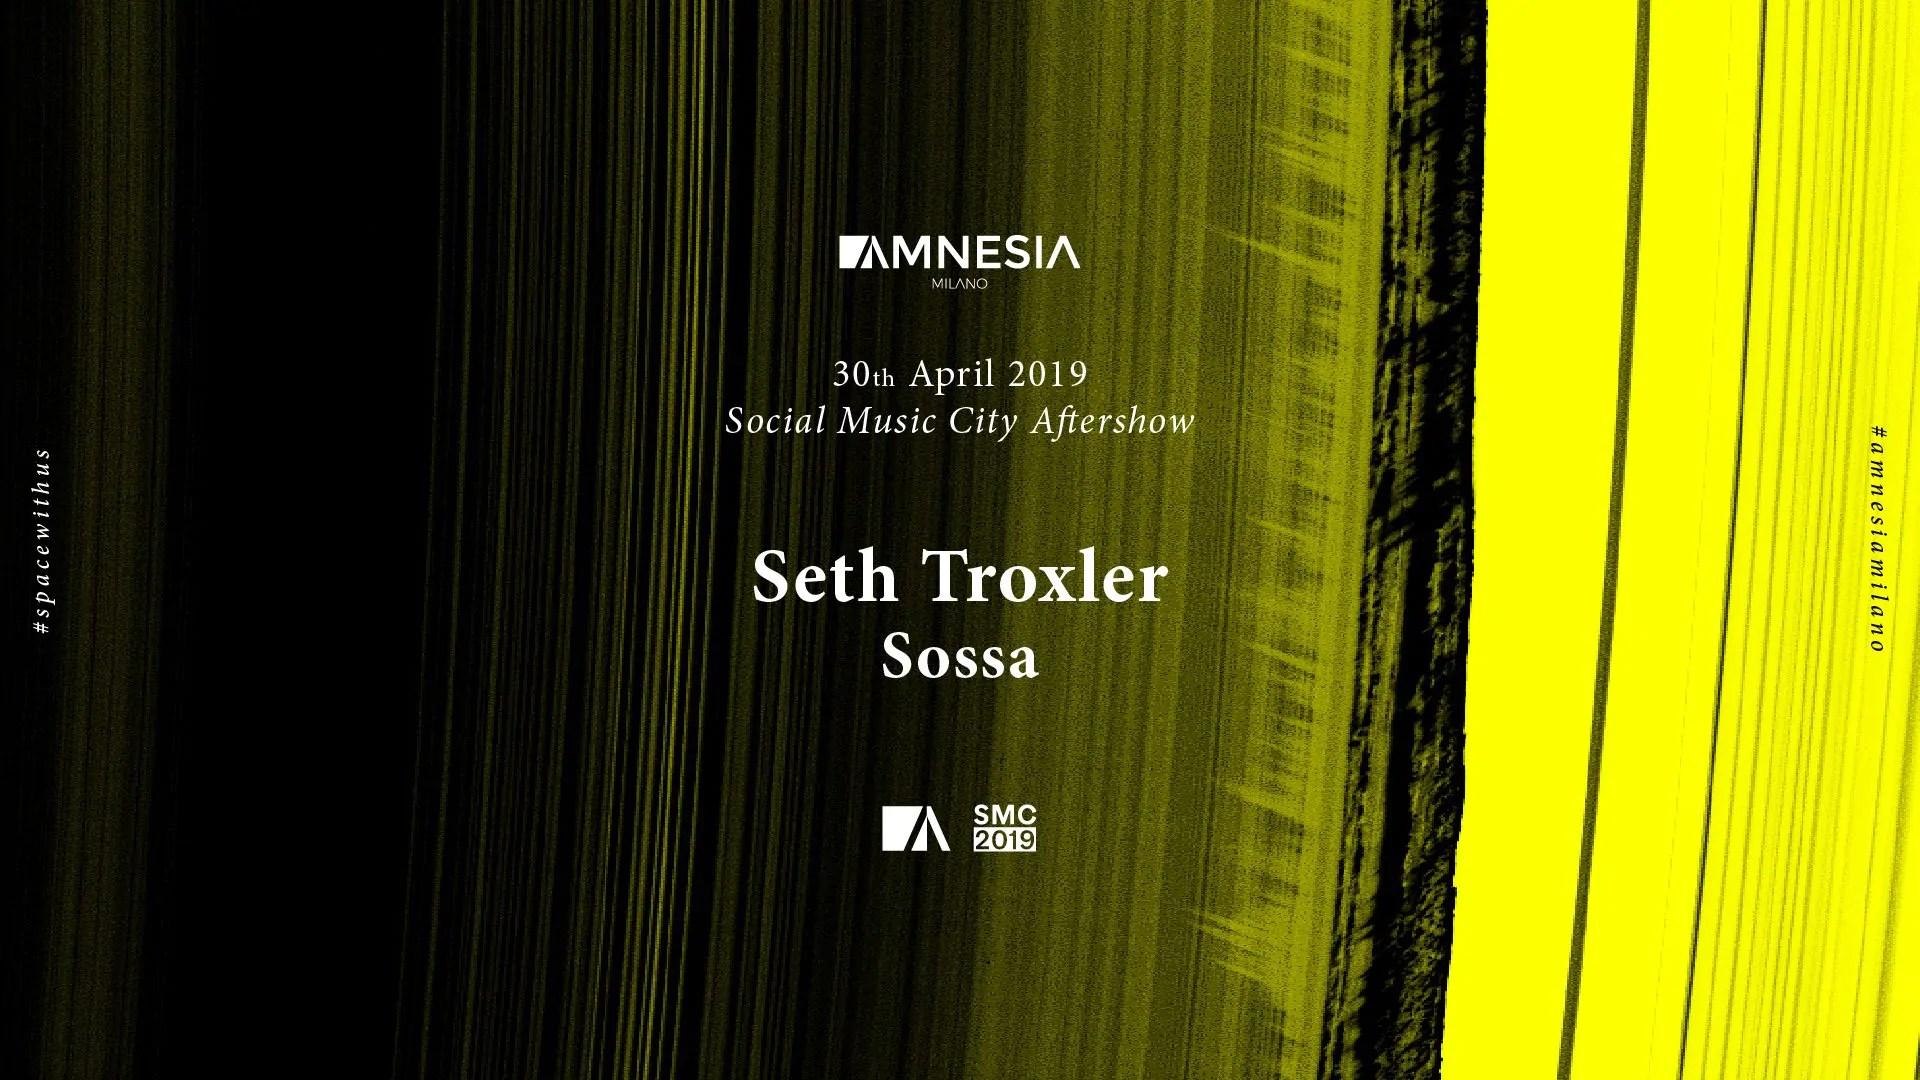 Amnesia Milano AfterSHOW Social Music City – SETH TROXLER – 30 Aprile 2019 | Ticket in Prevendita – Tavoli – Pacchetti Hotel